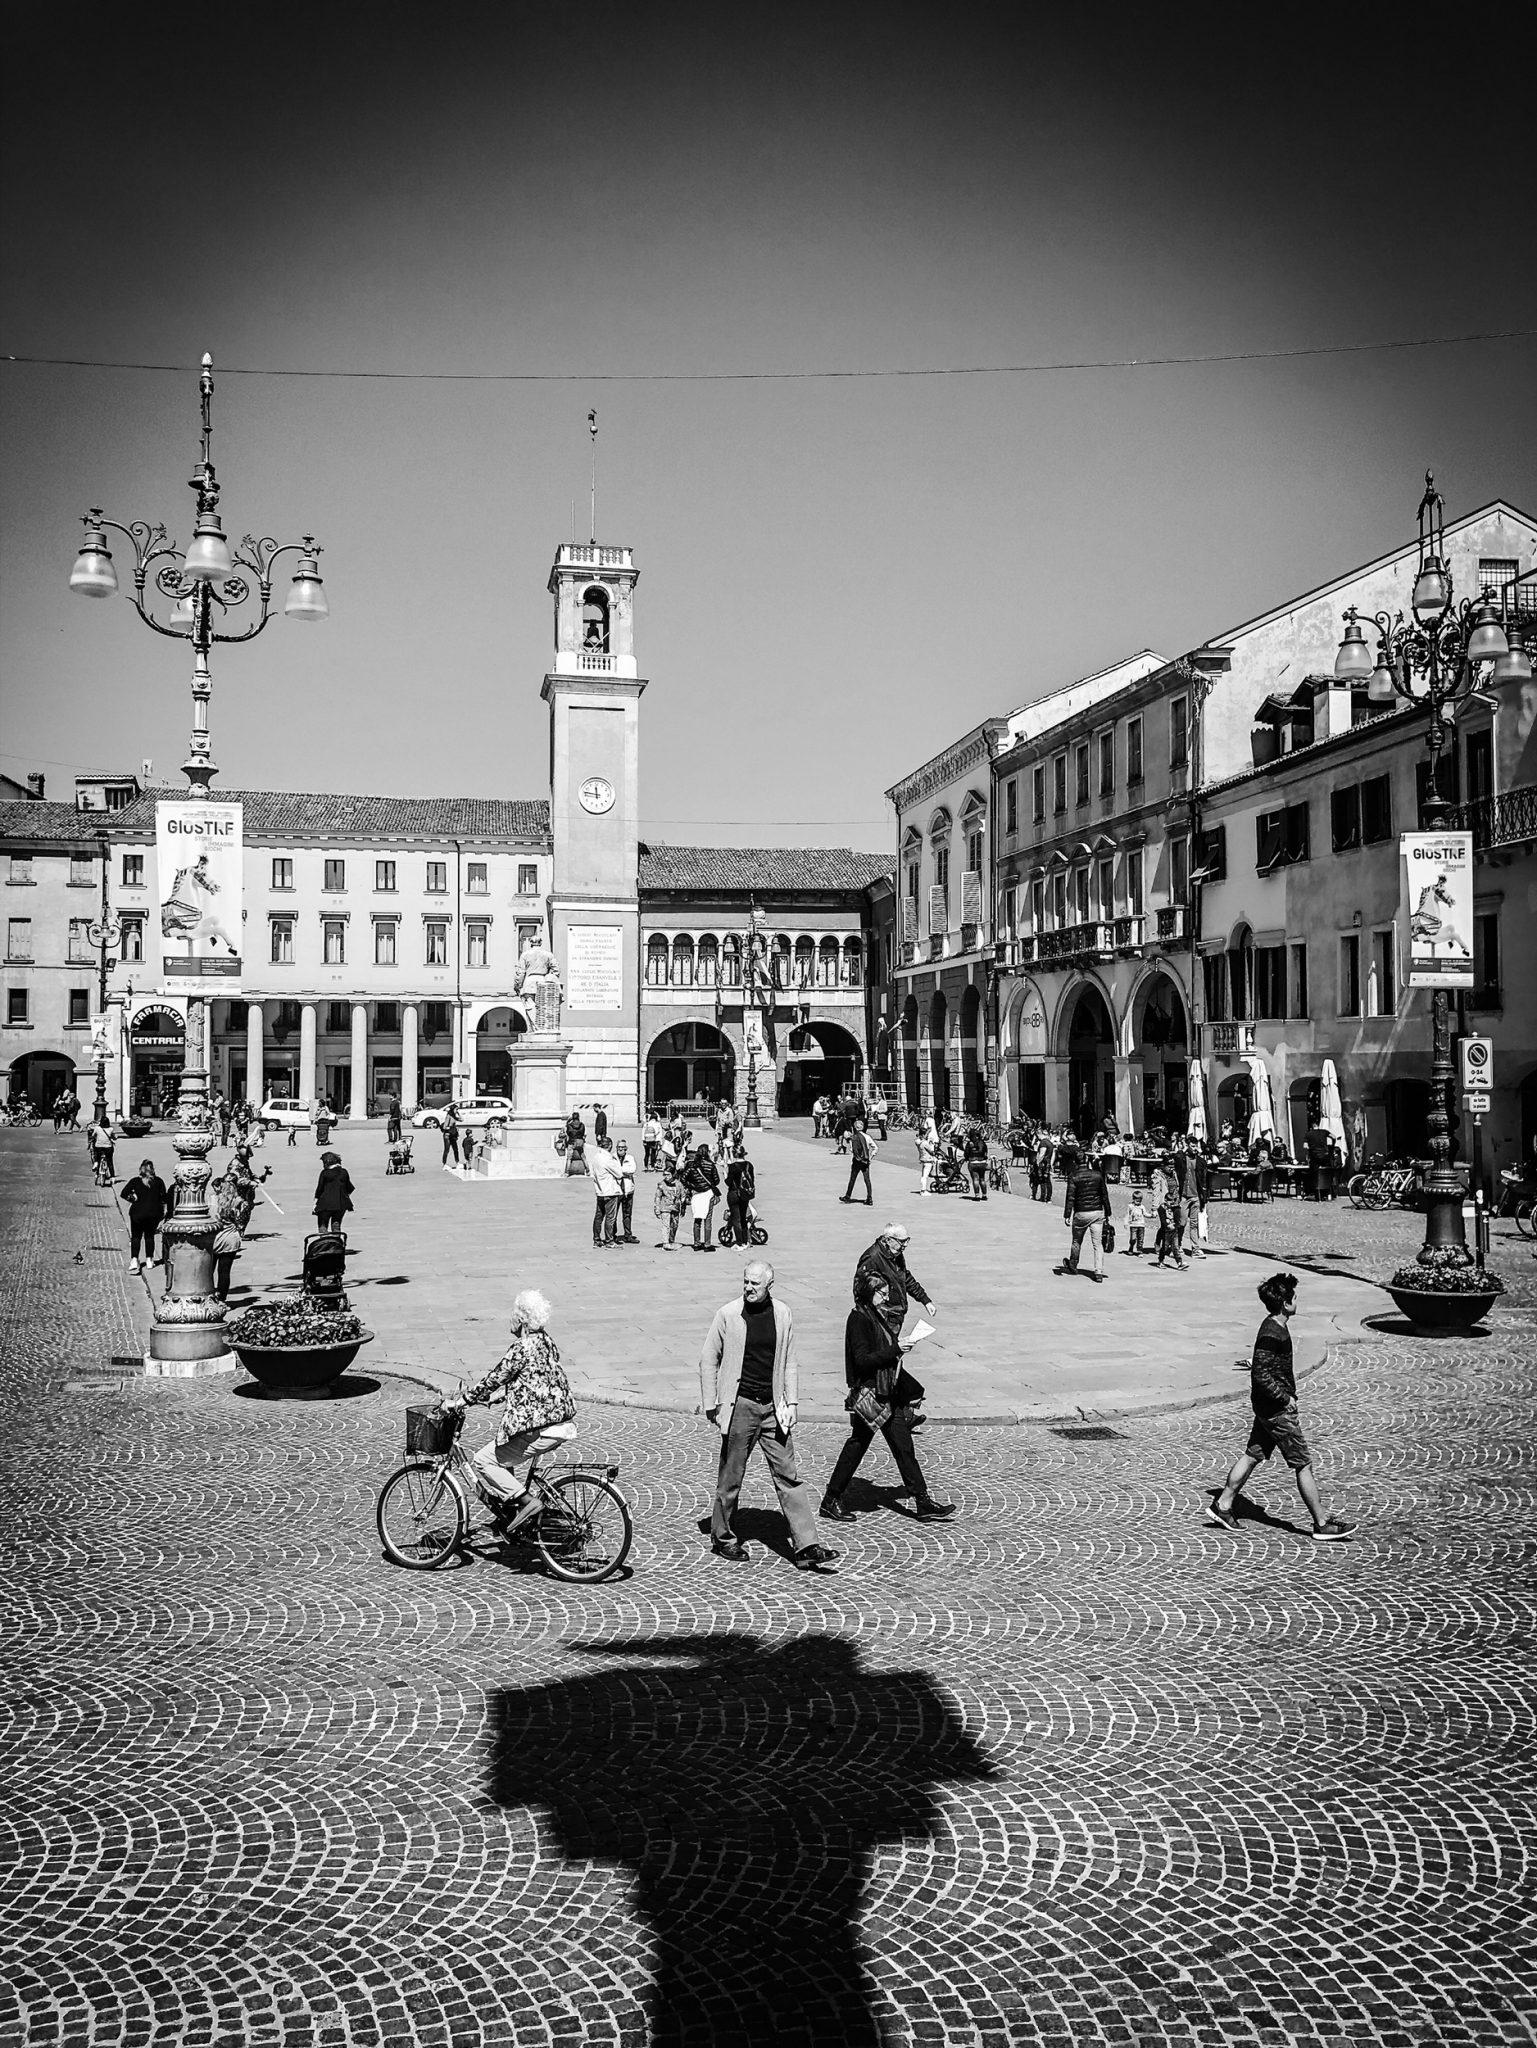 Piazza Vittorio Emanuele II. The center of the city. Rovigo, 2019